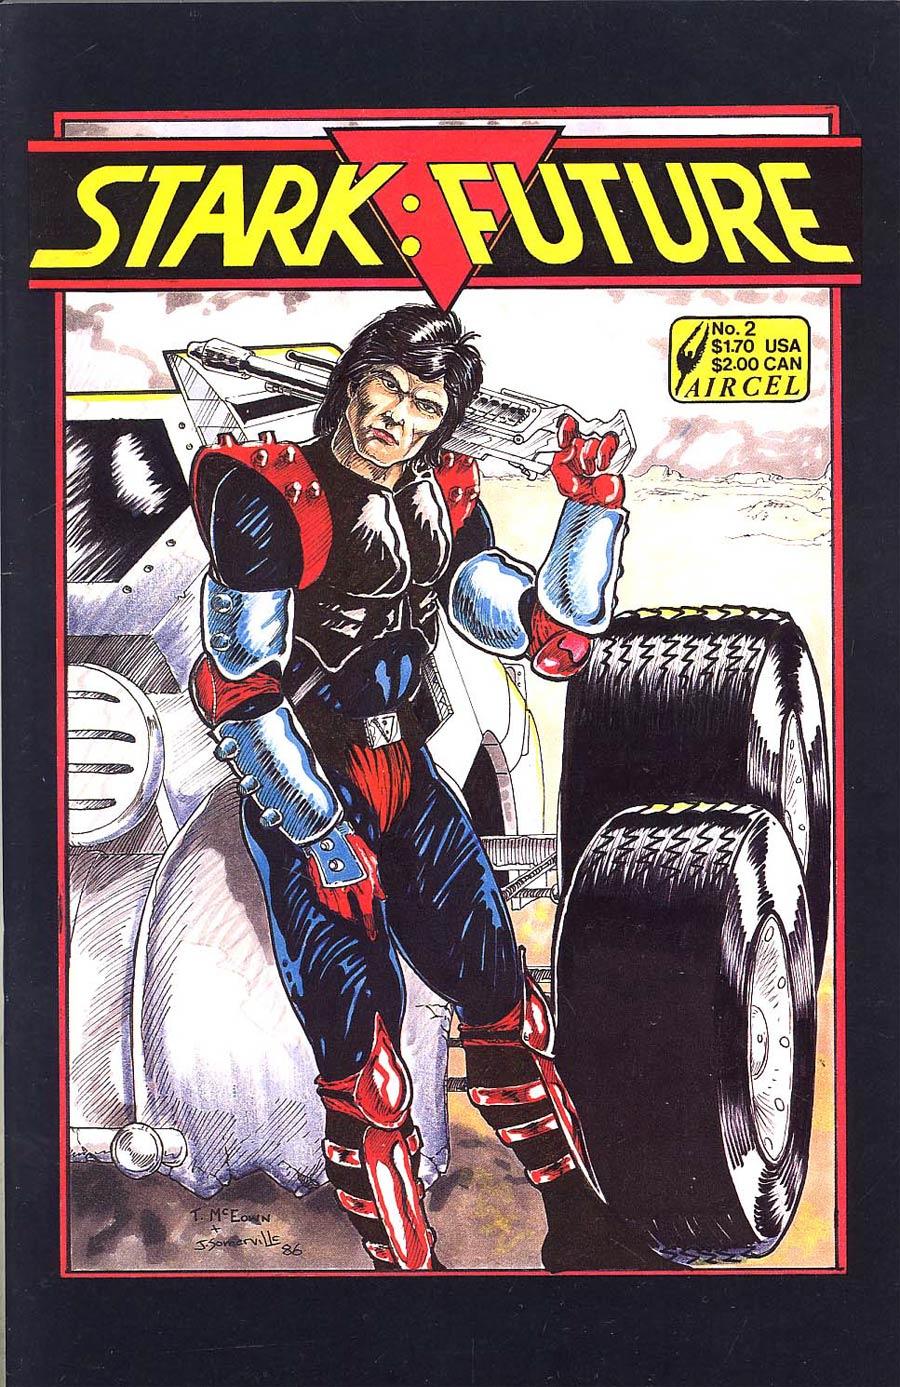 Stark Future #2